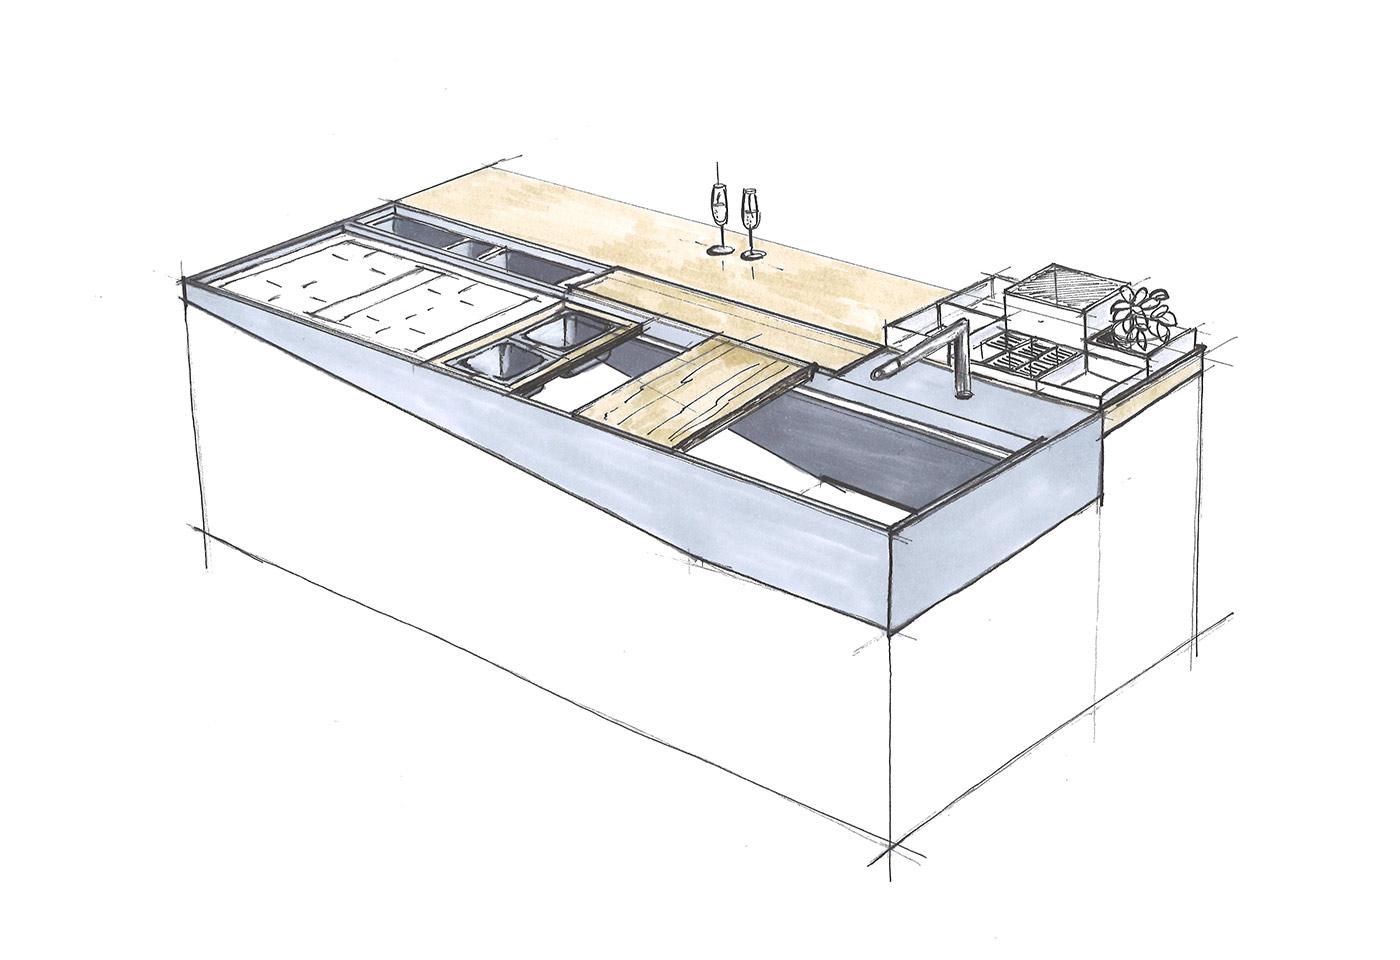 Kücheninsel als Zeichnung mit Spülbecken und Kochfeld.